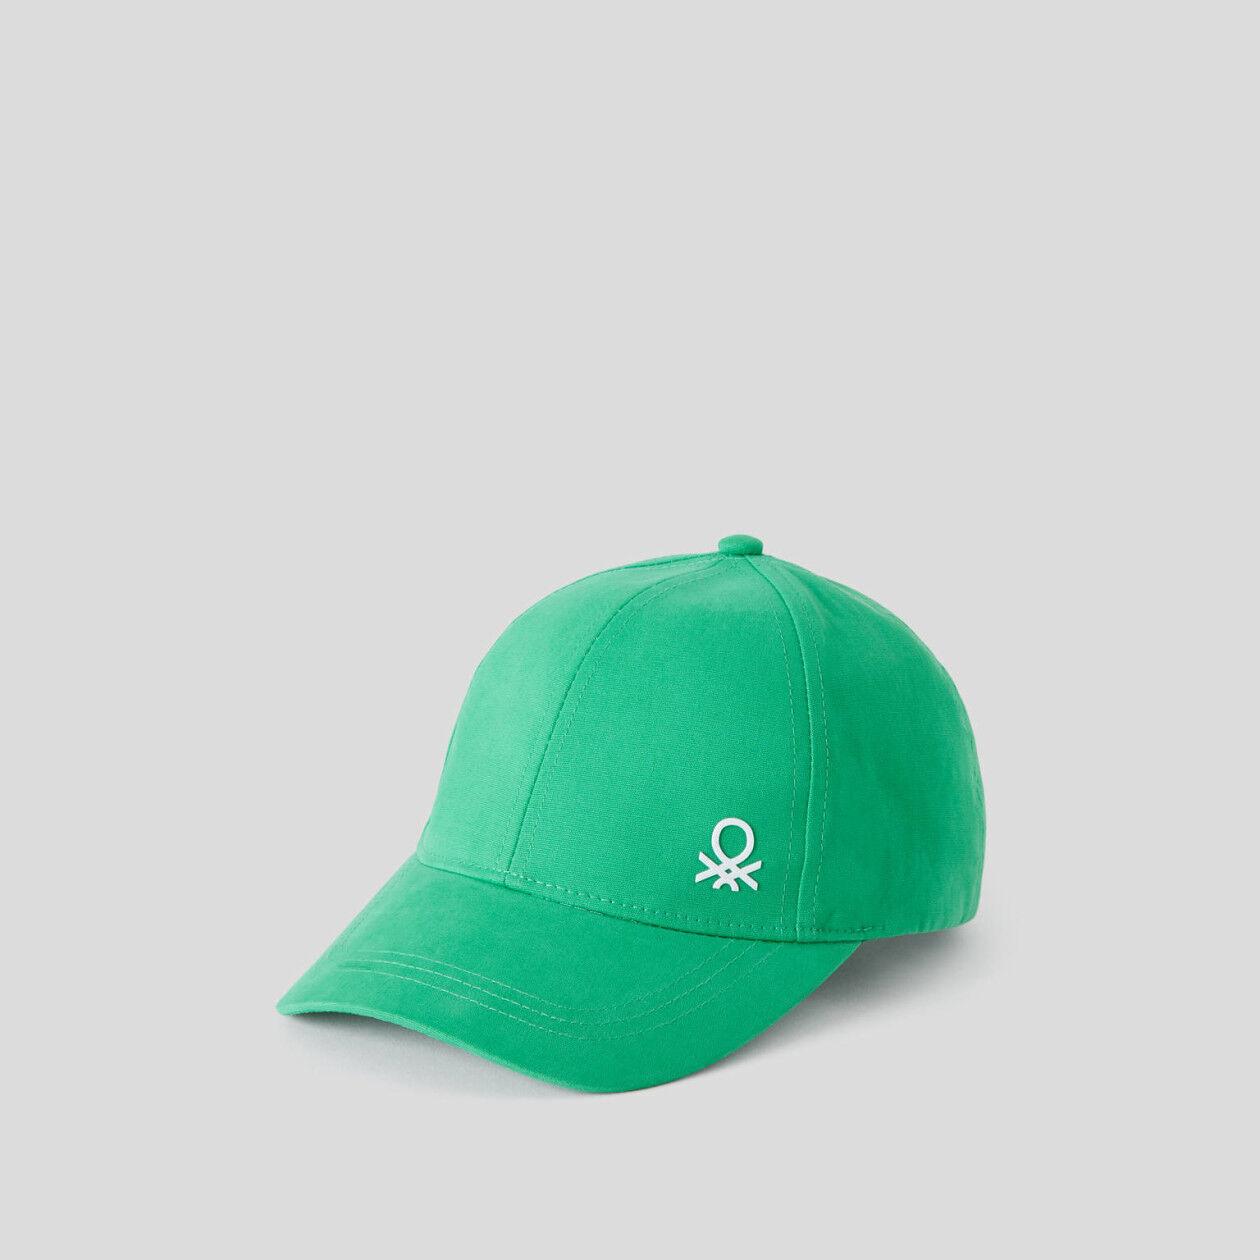 Gorra de algodón con visera